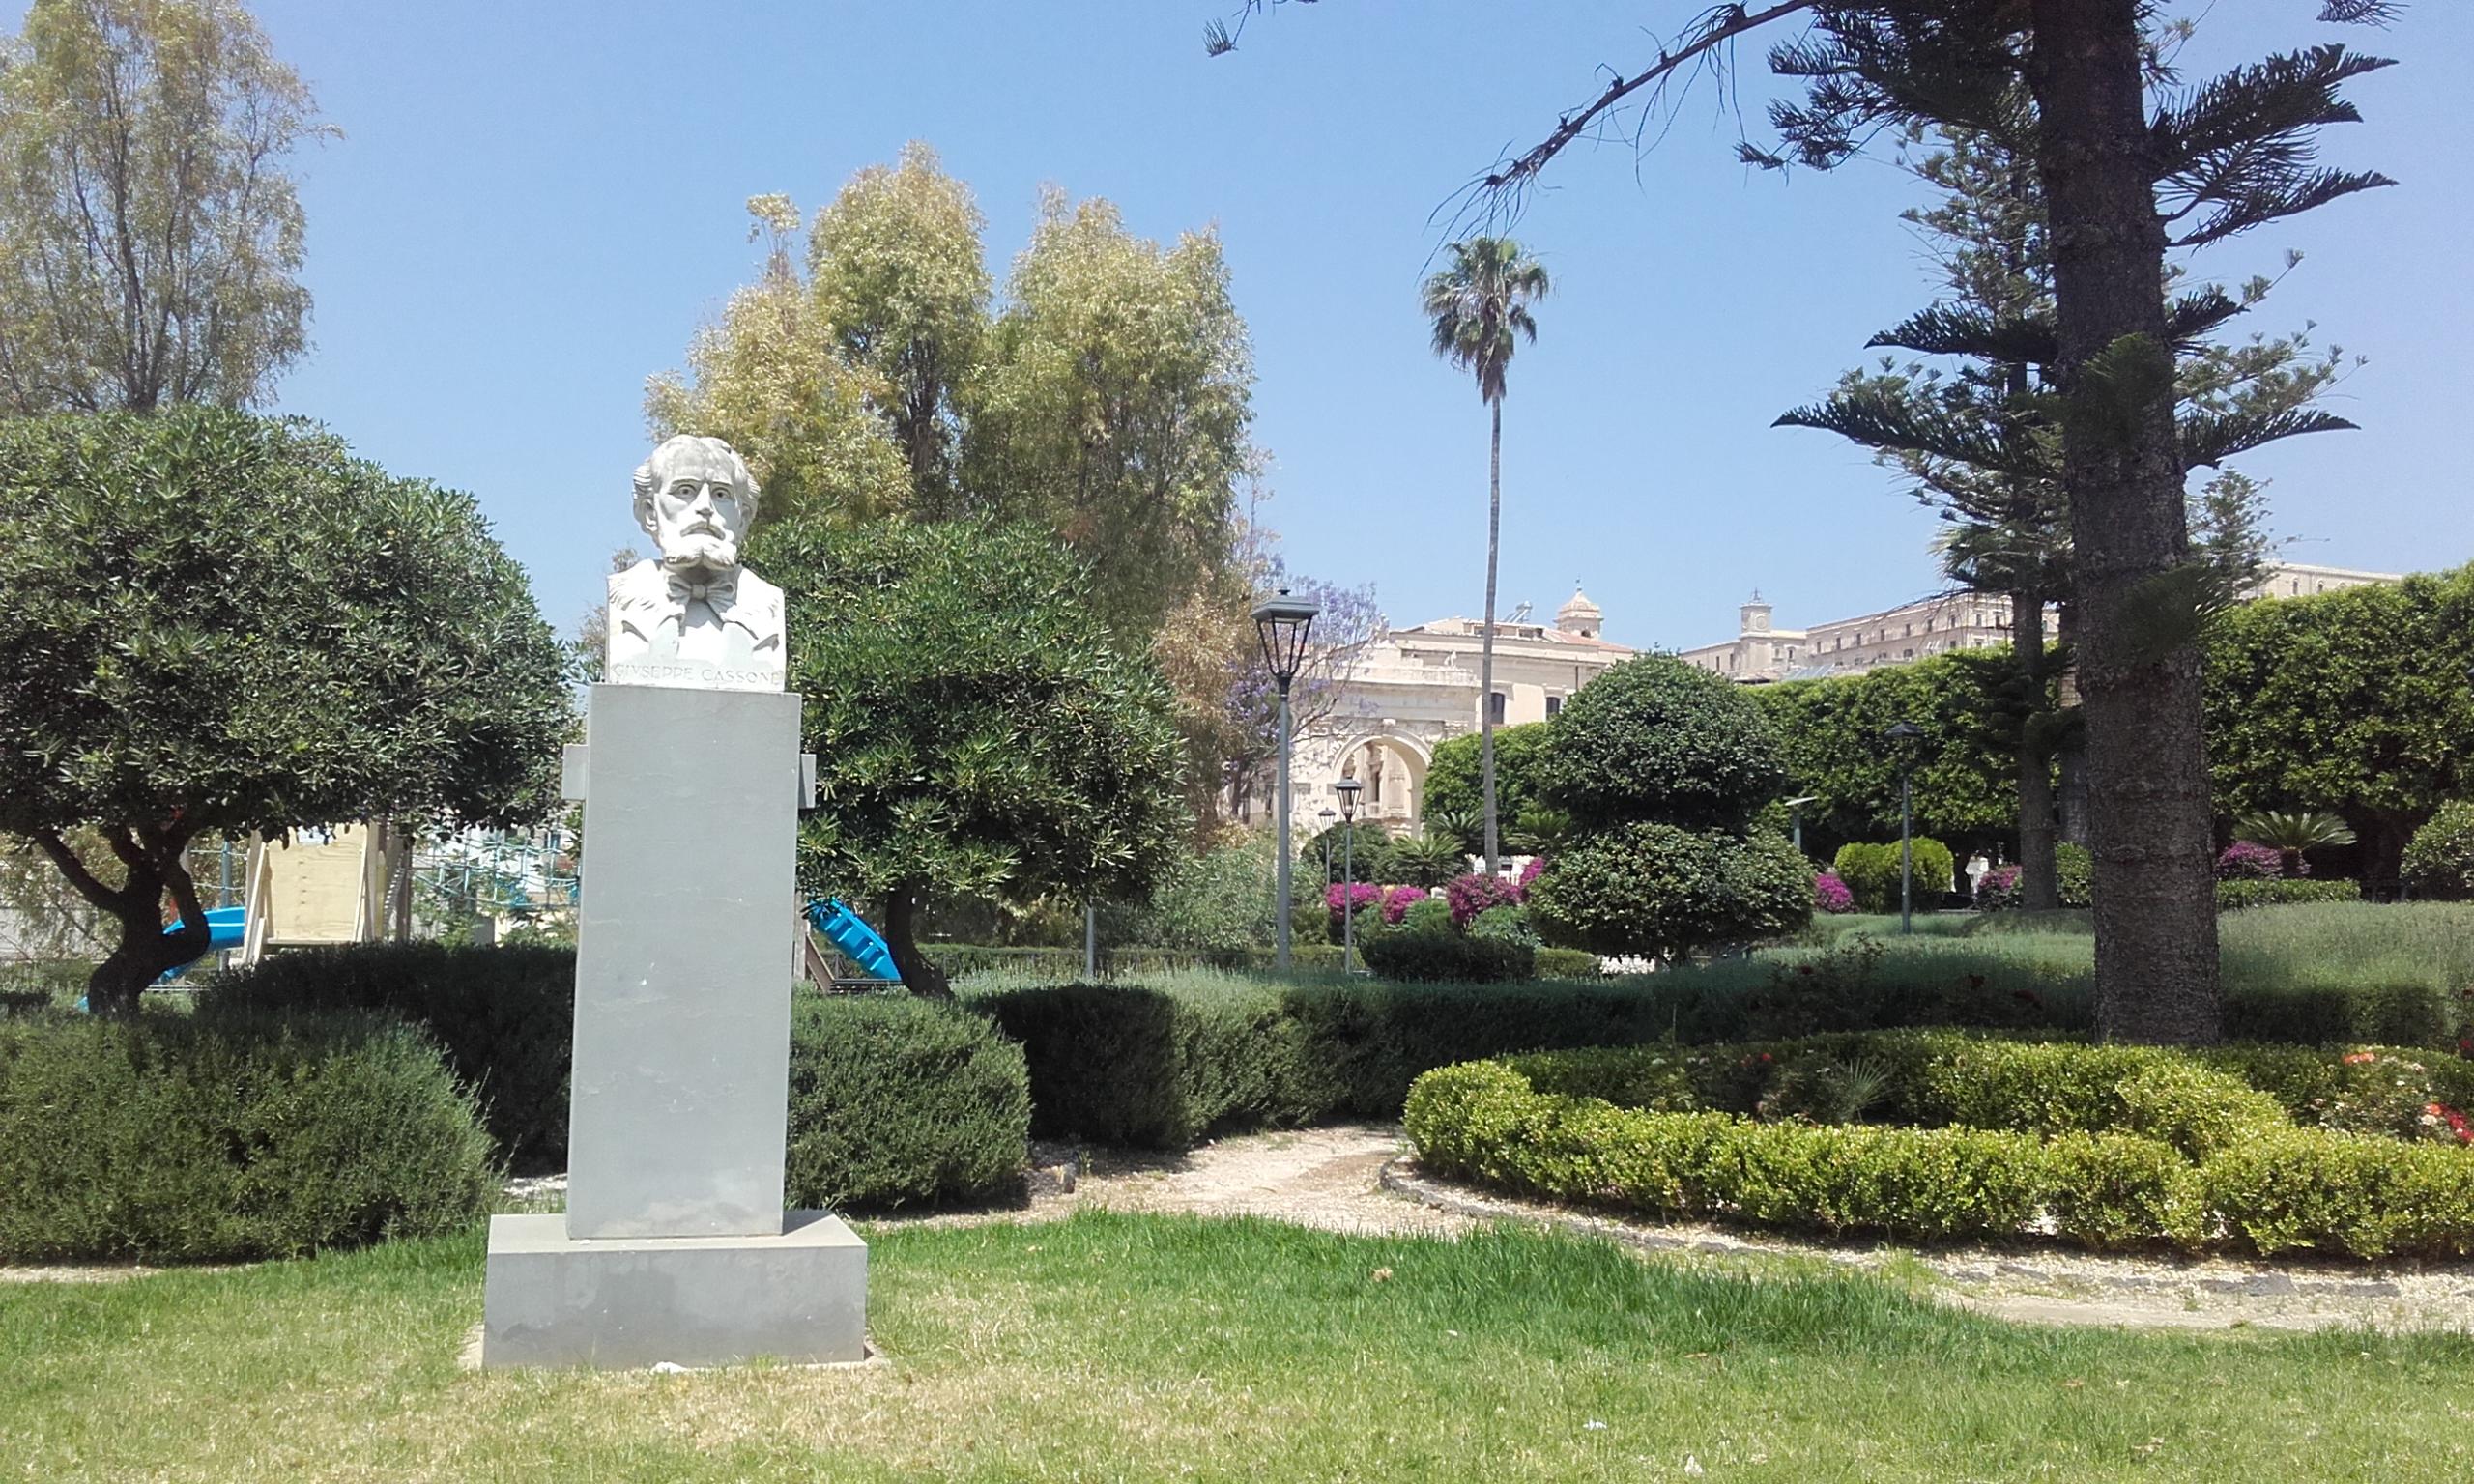 Parque junto a la plaza del mercado